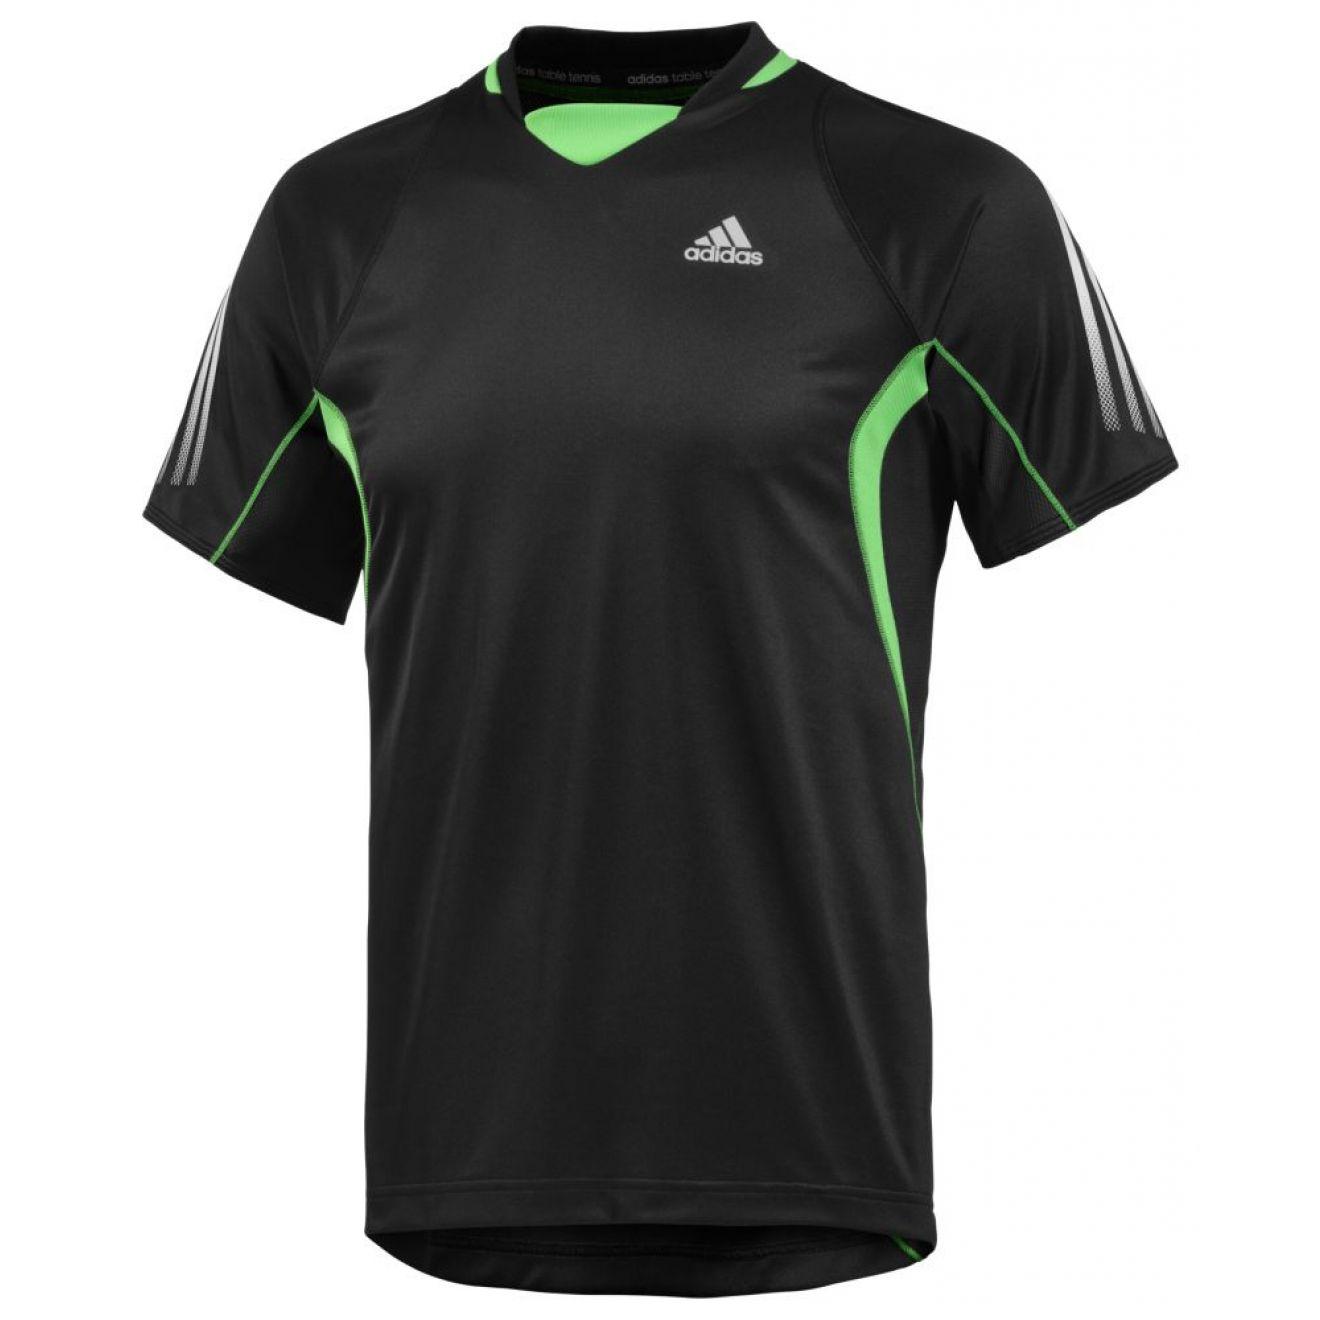 adidas netz shirt